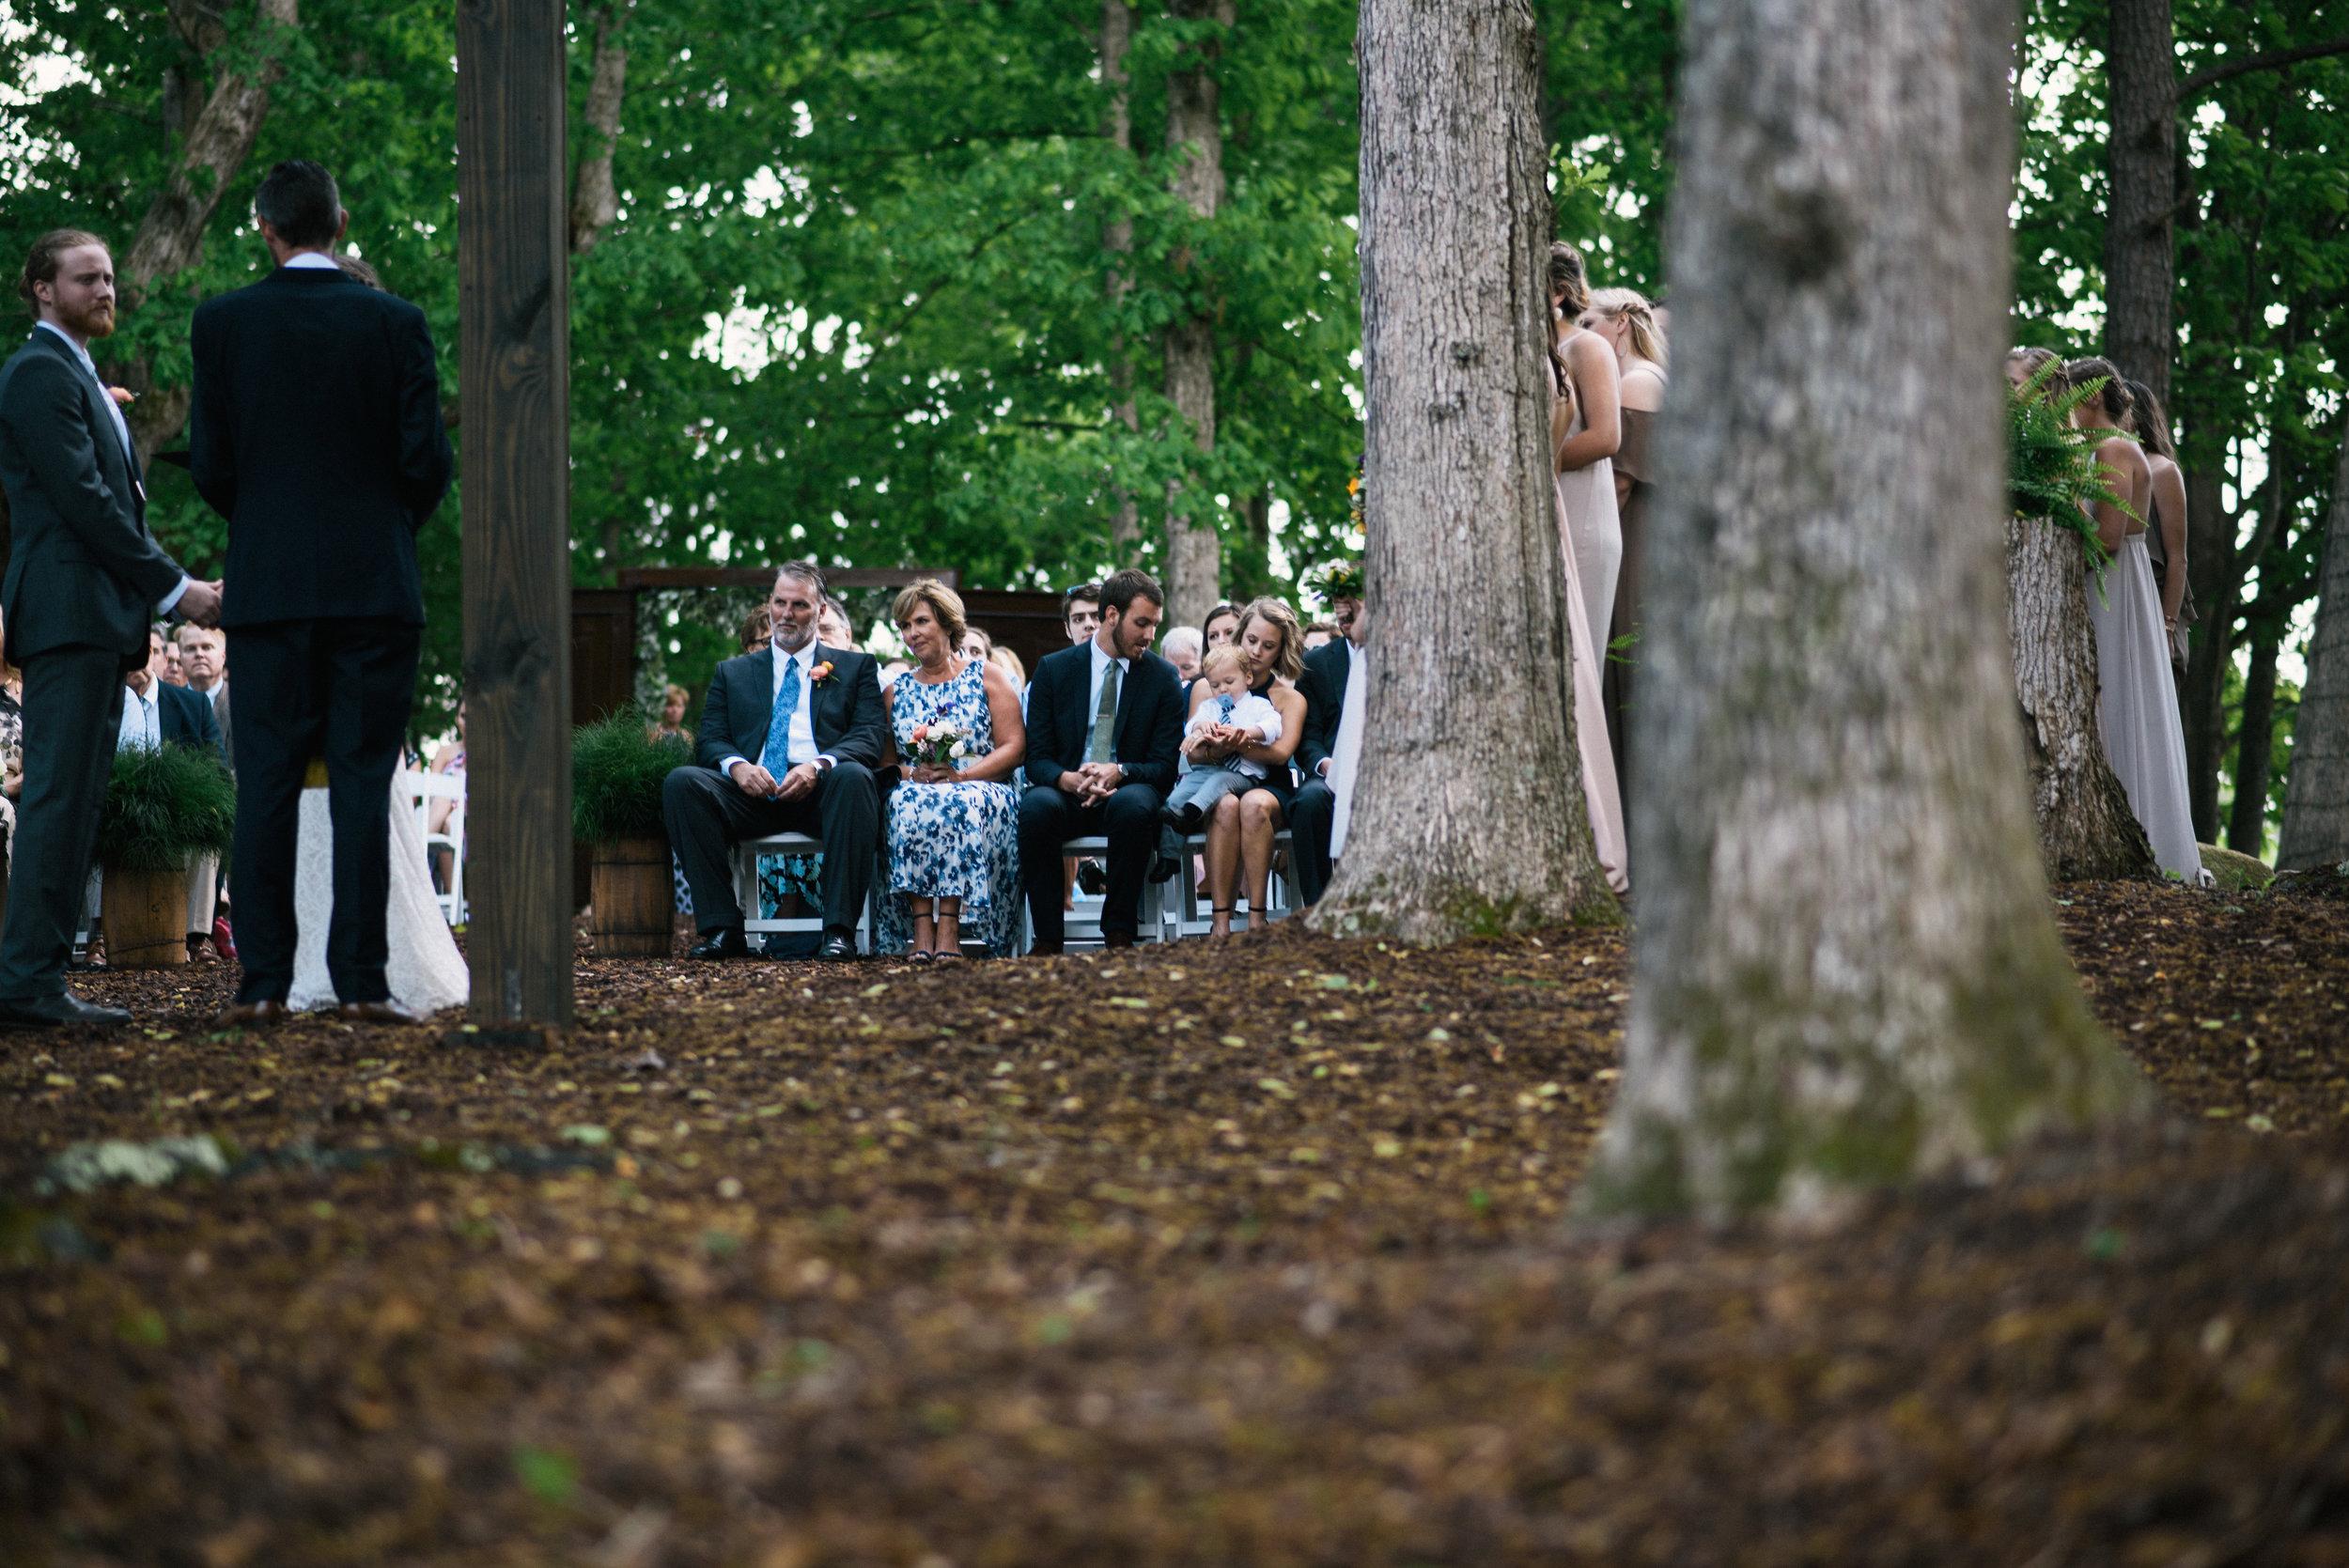 raleigh-elopement-photographer-raleigh-durham-wedding-maddie-and-devin- (109 of 162).jpg